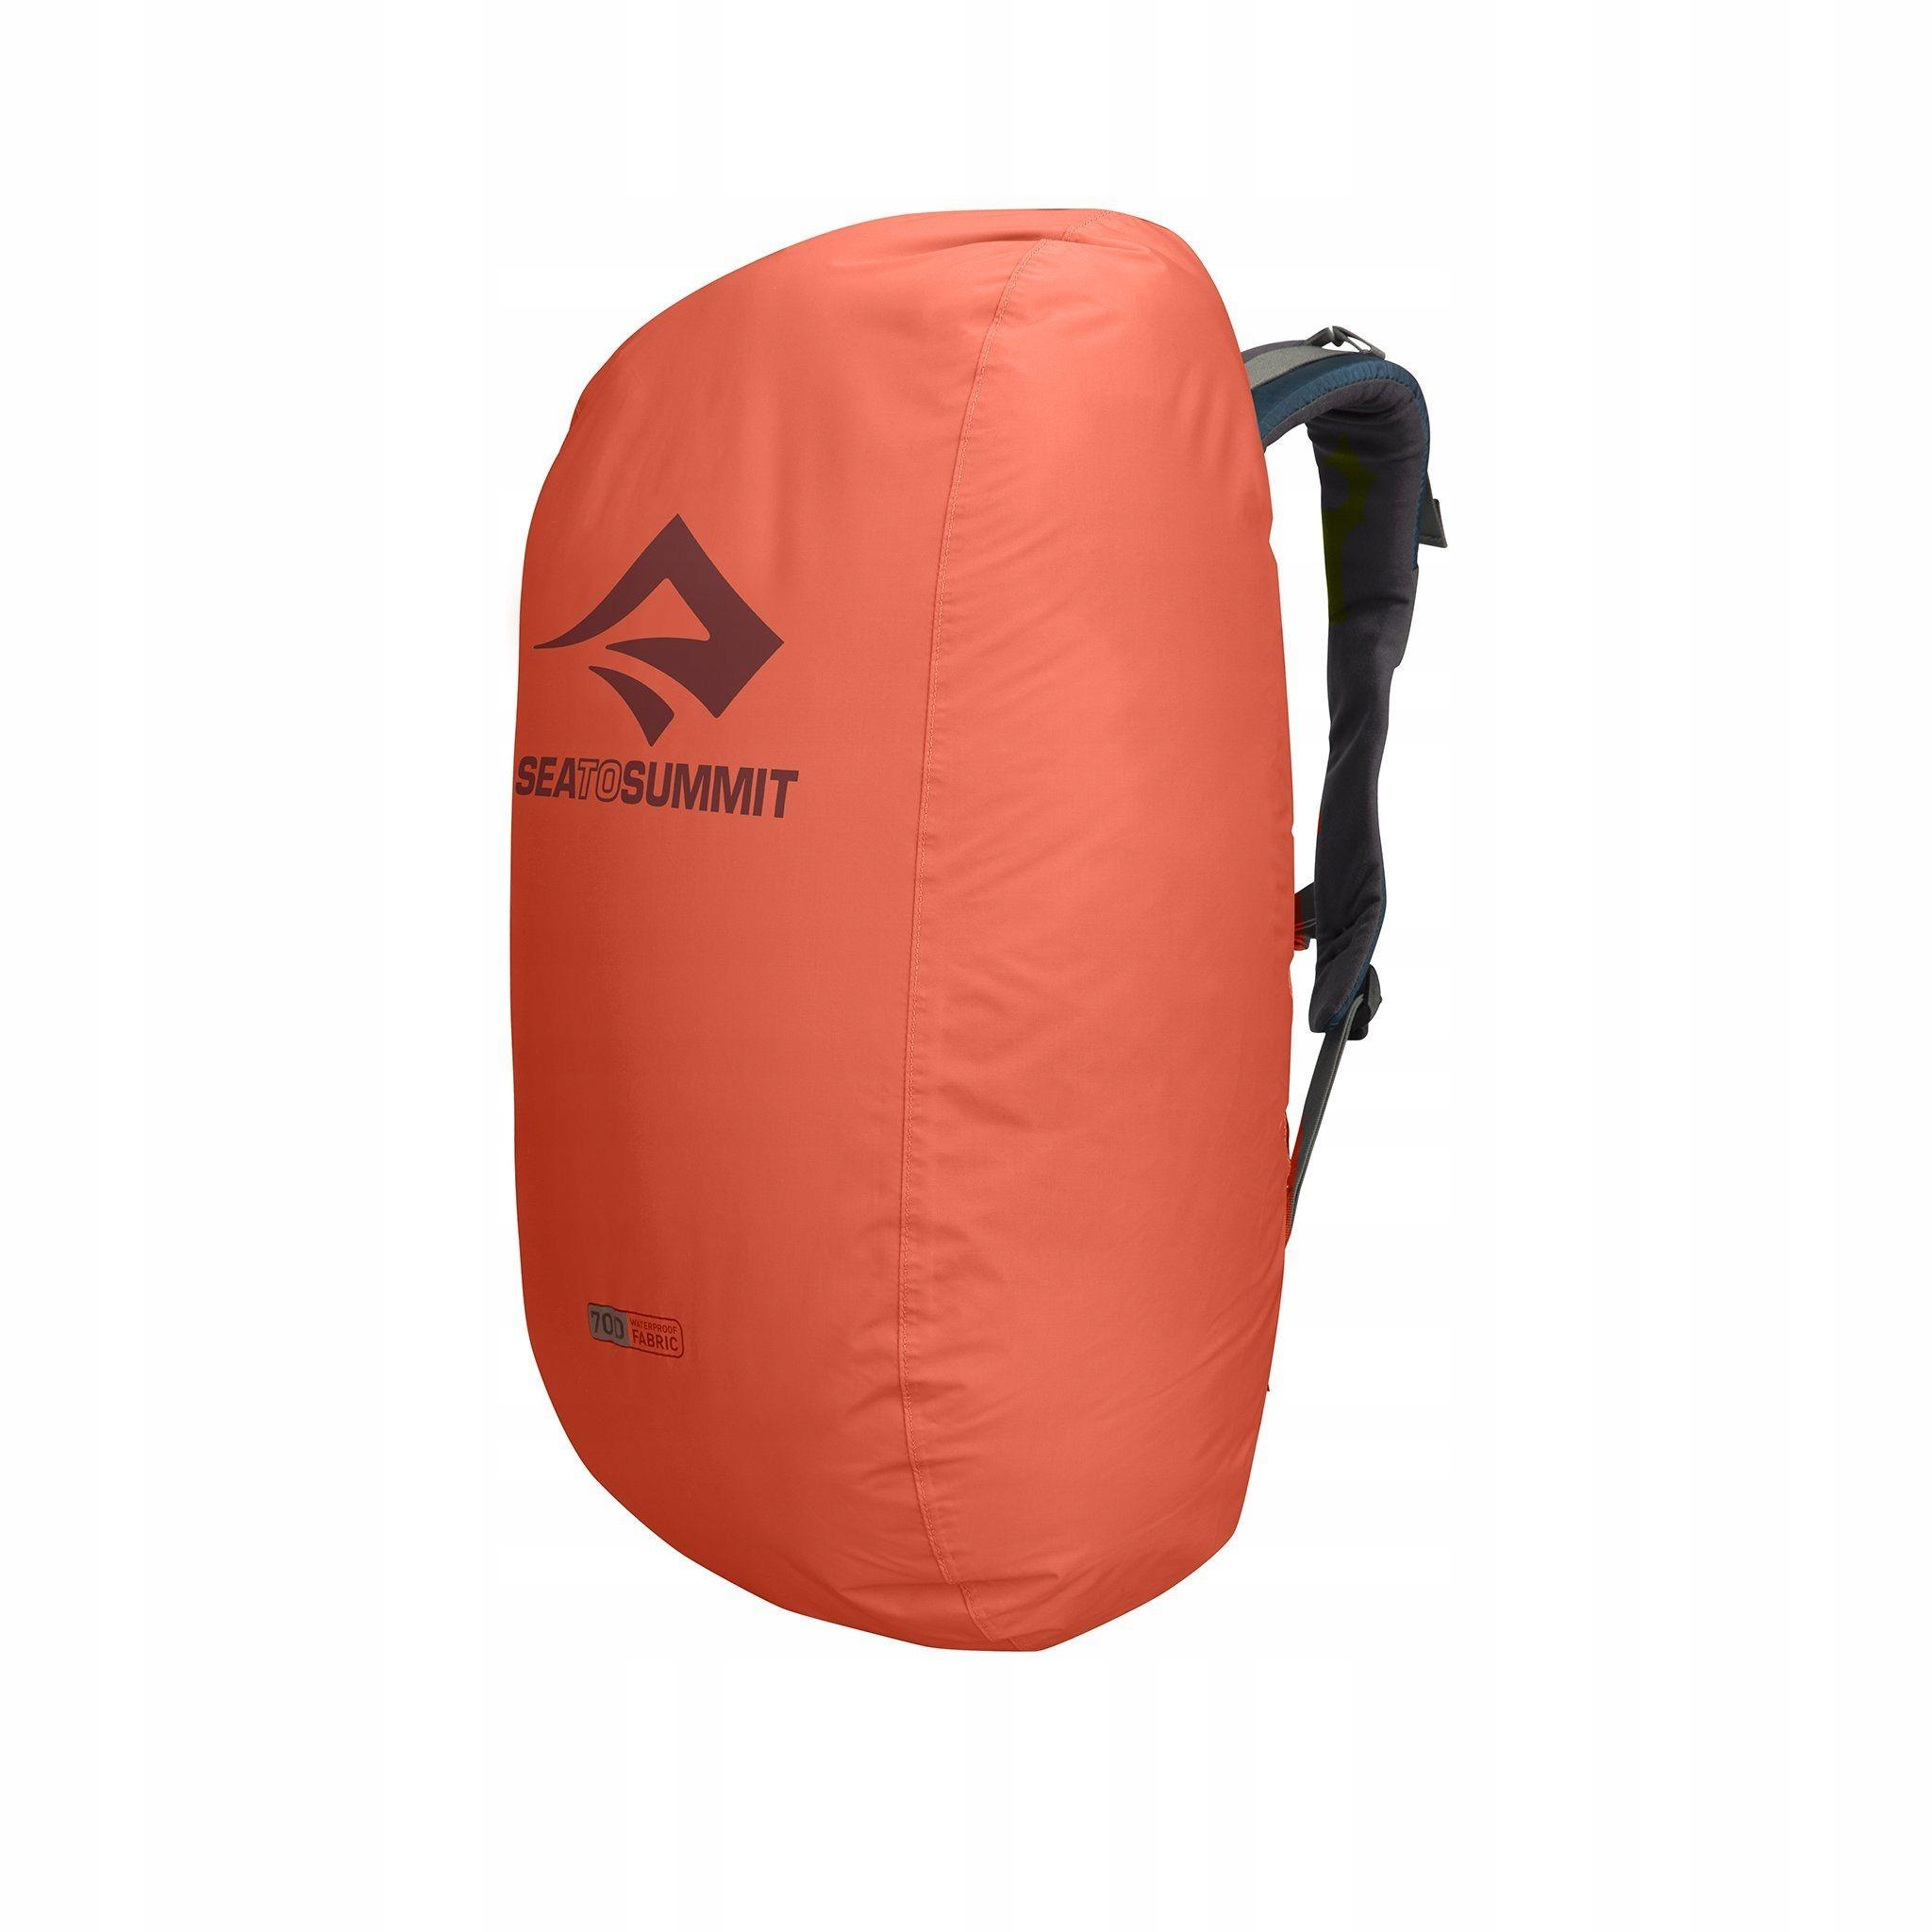 Obal na batoh More Na Summite Pack Kryt 50-70